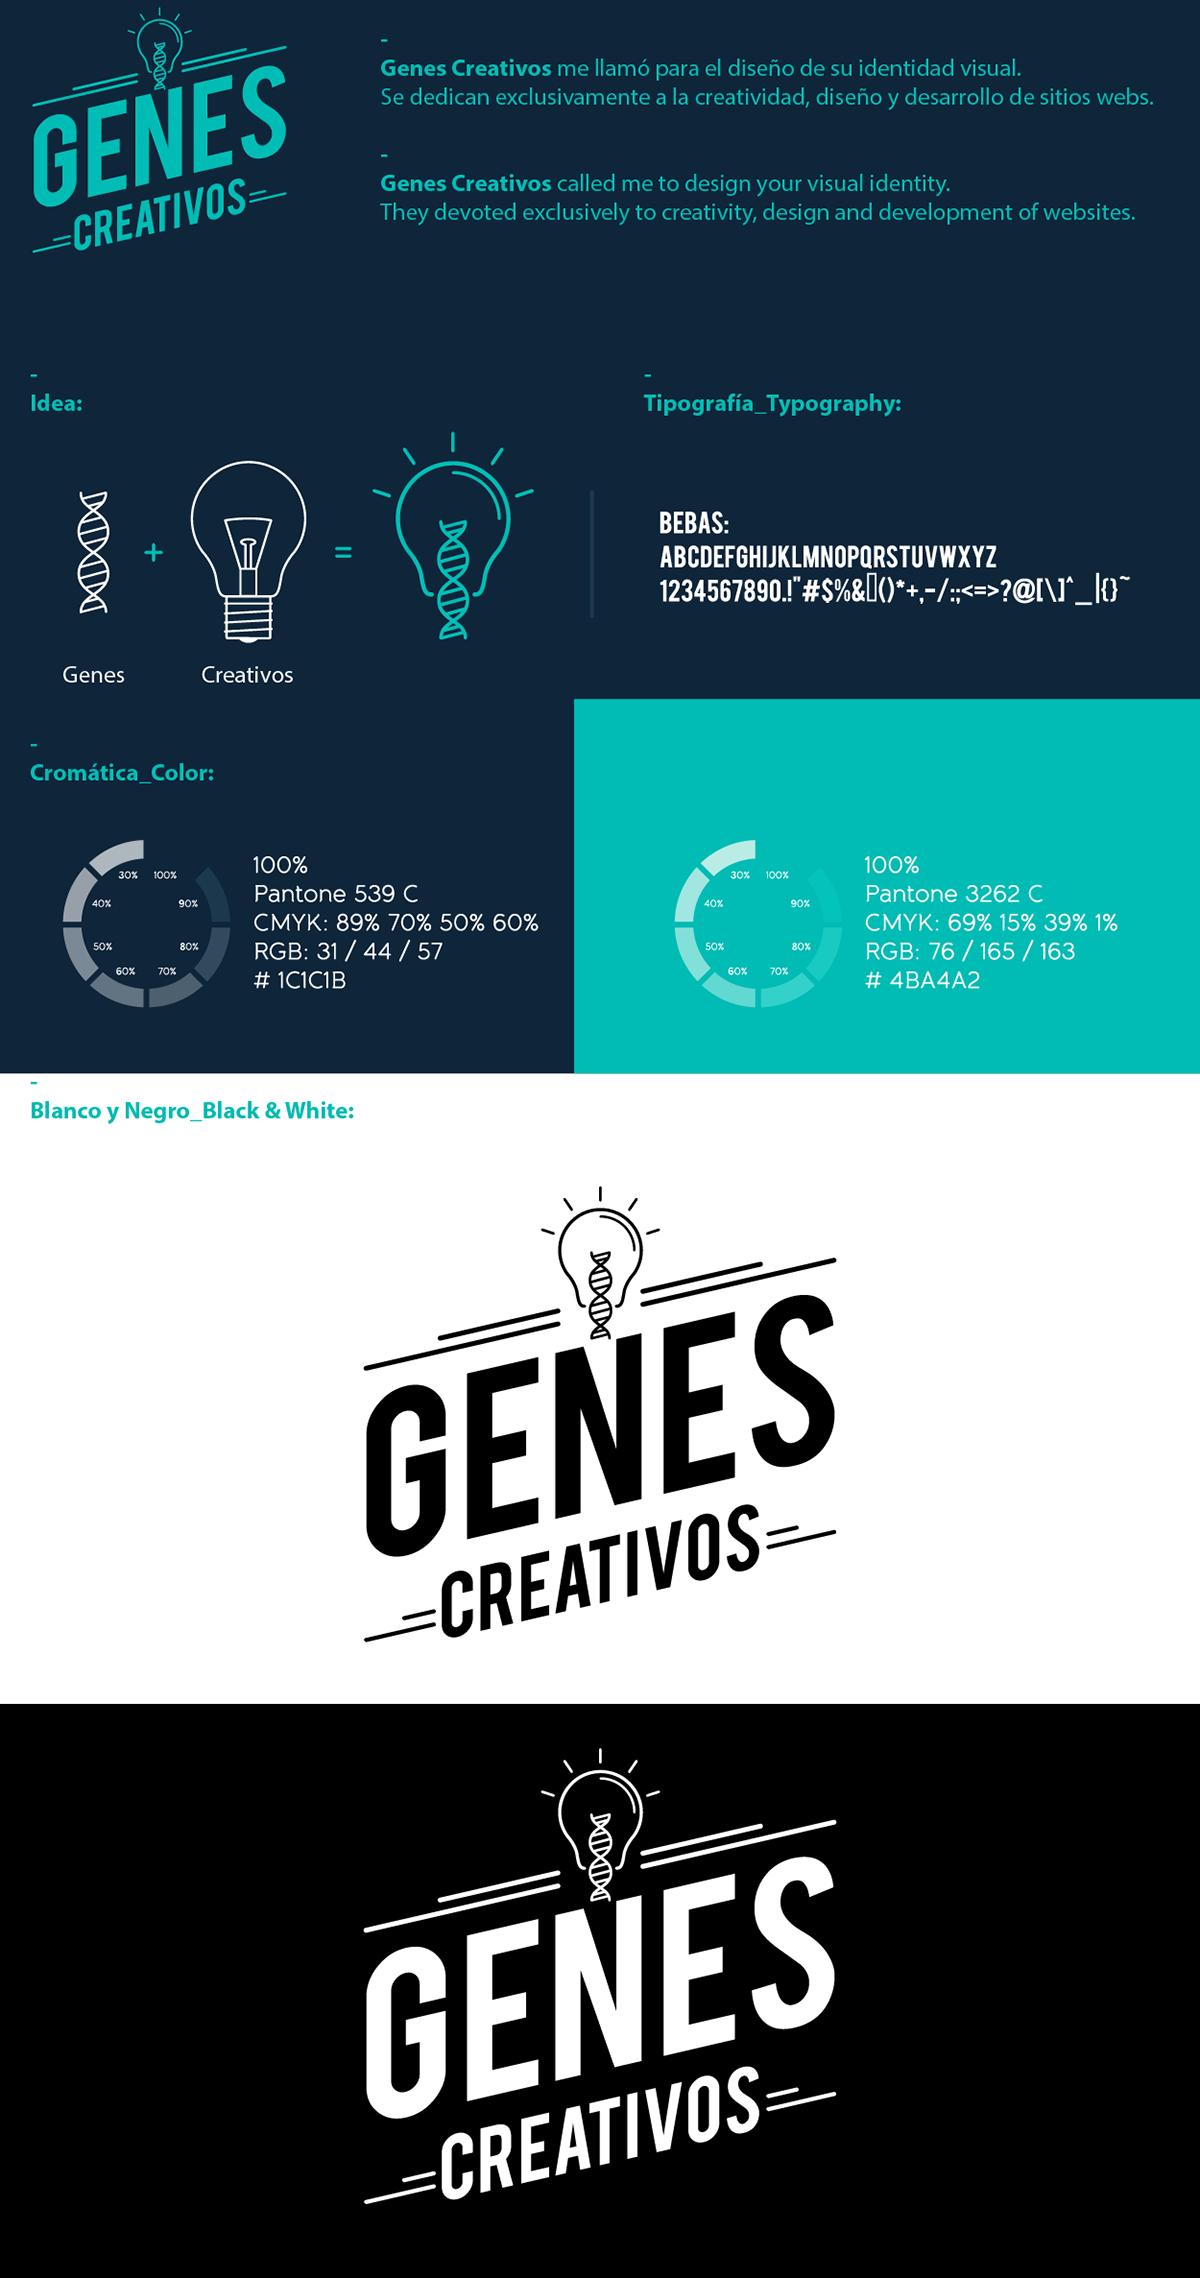 logo Genes brand gen logos colors Cores colores diseño design marca tipografia icono Web